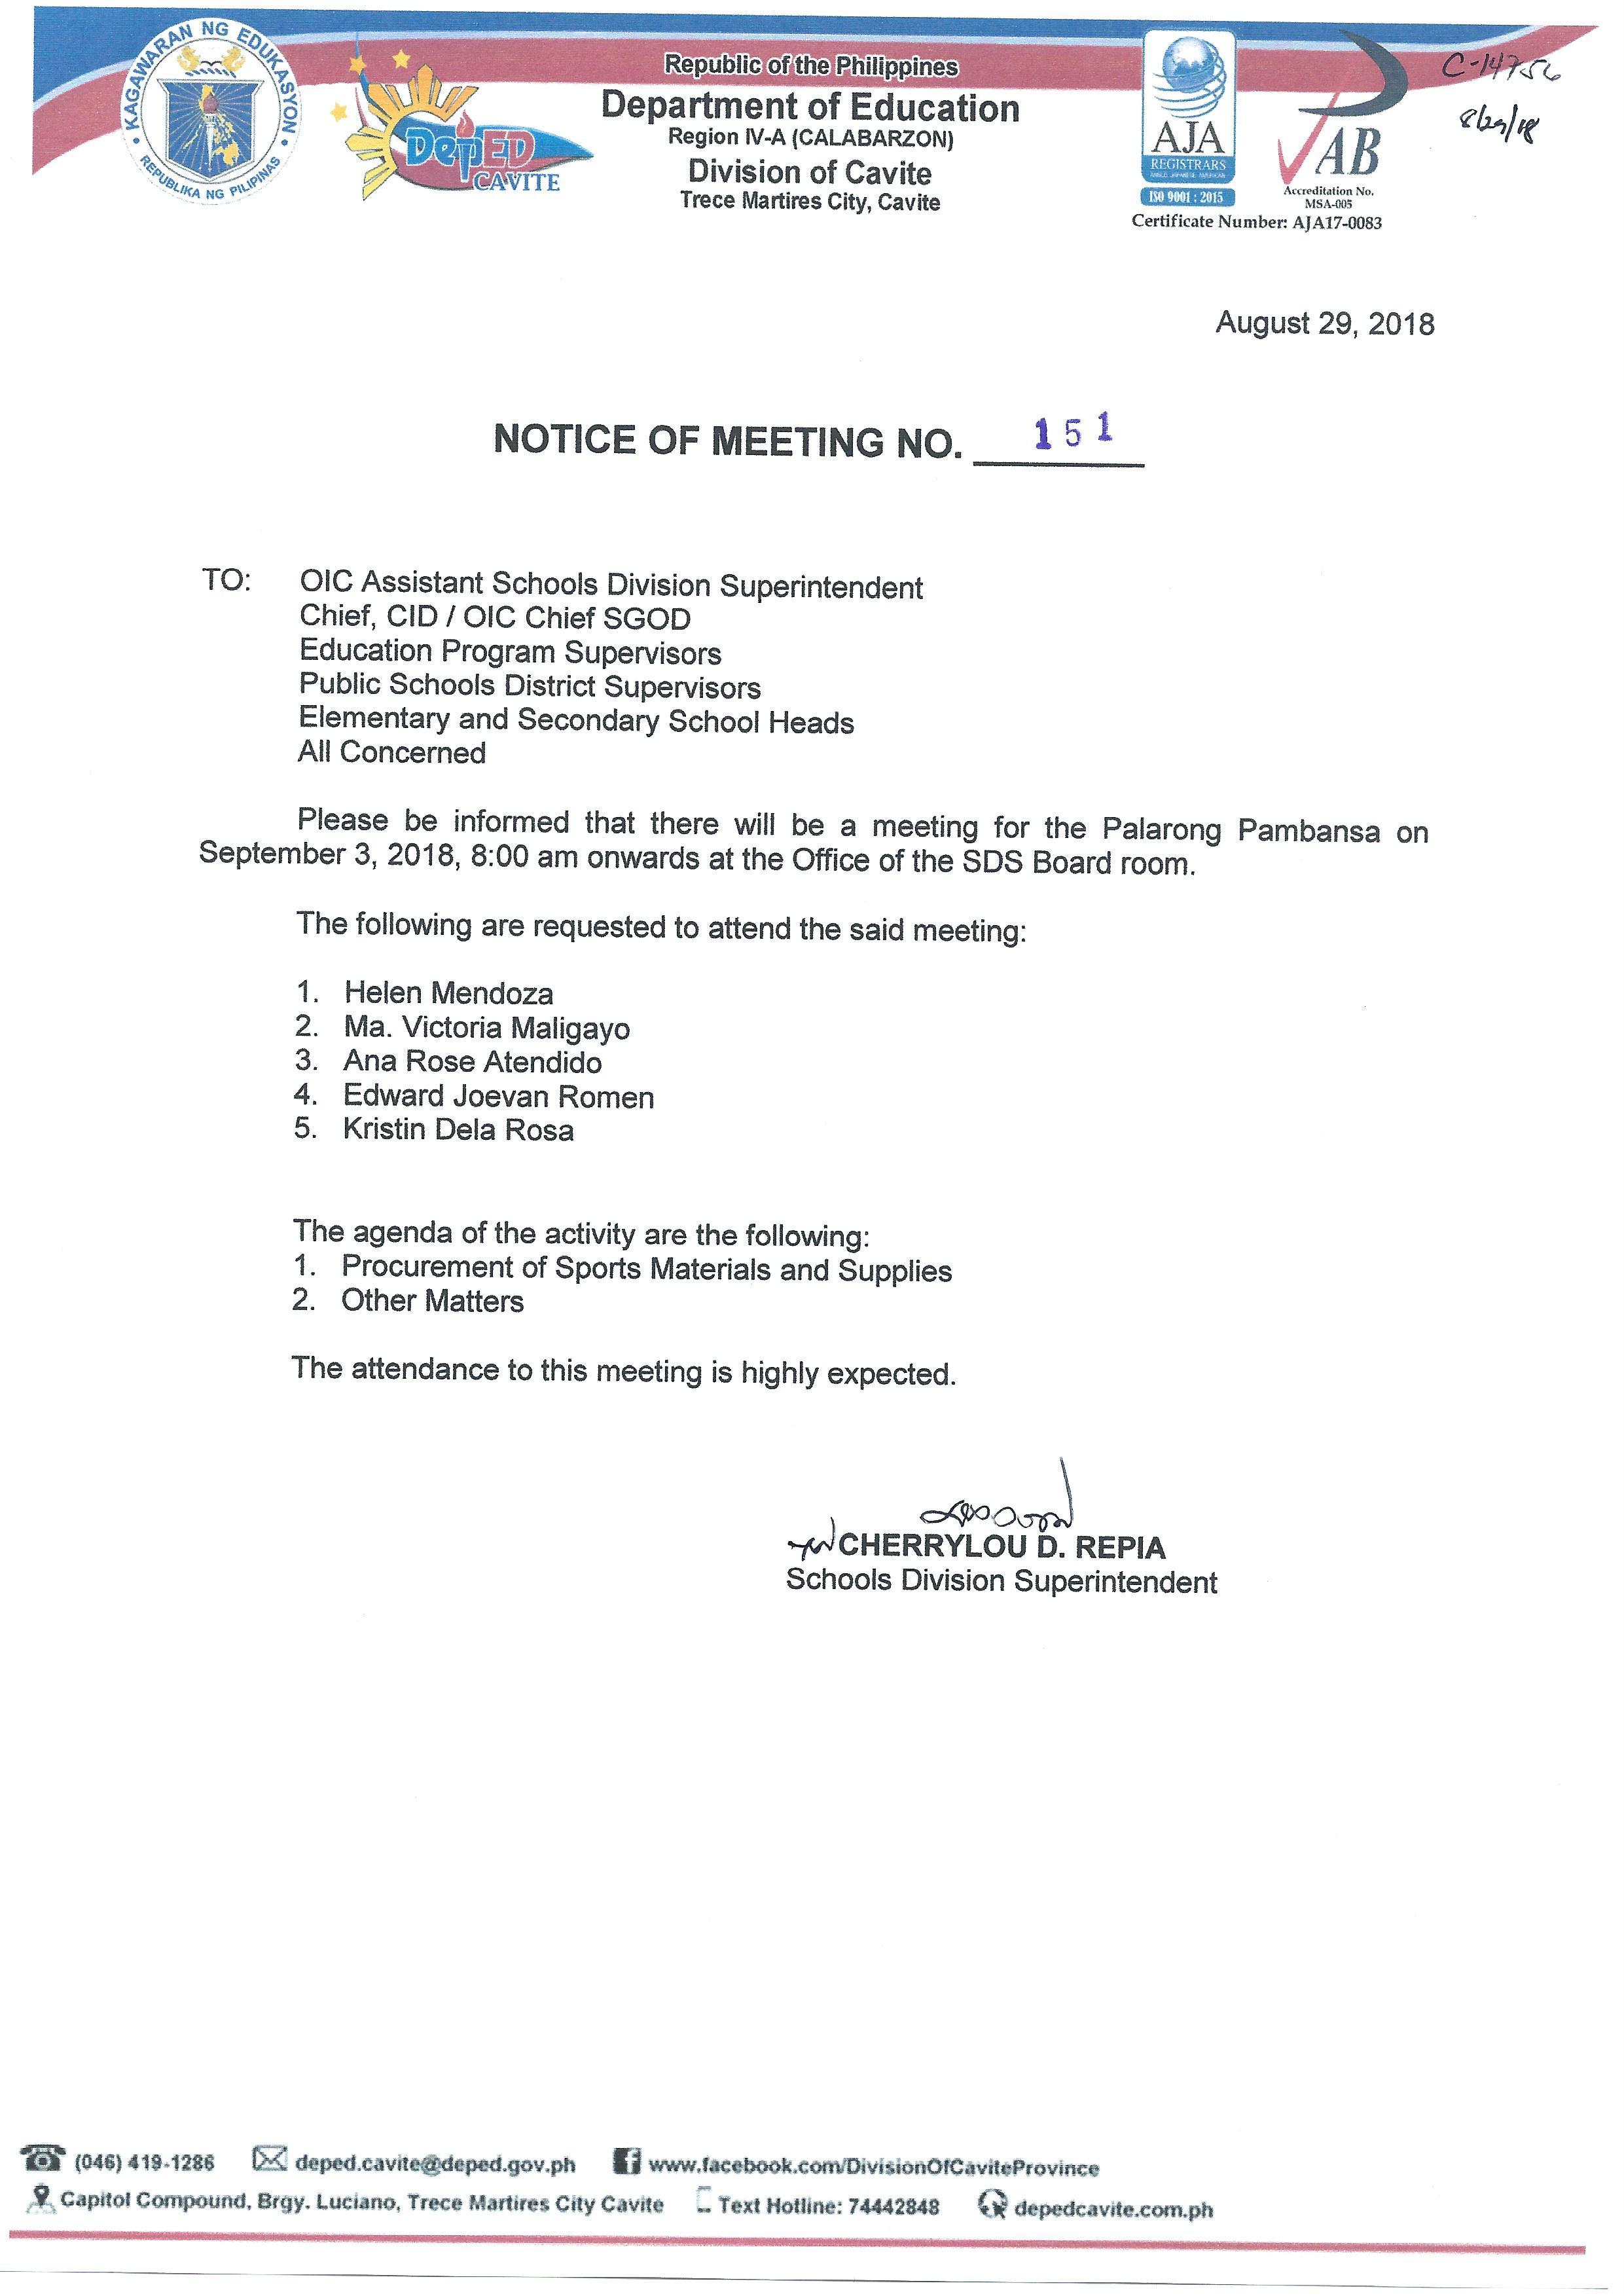 Deped cavite division memorandum No 88 Series 2012